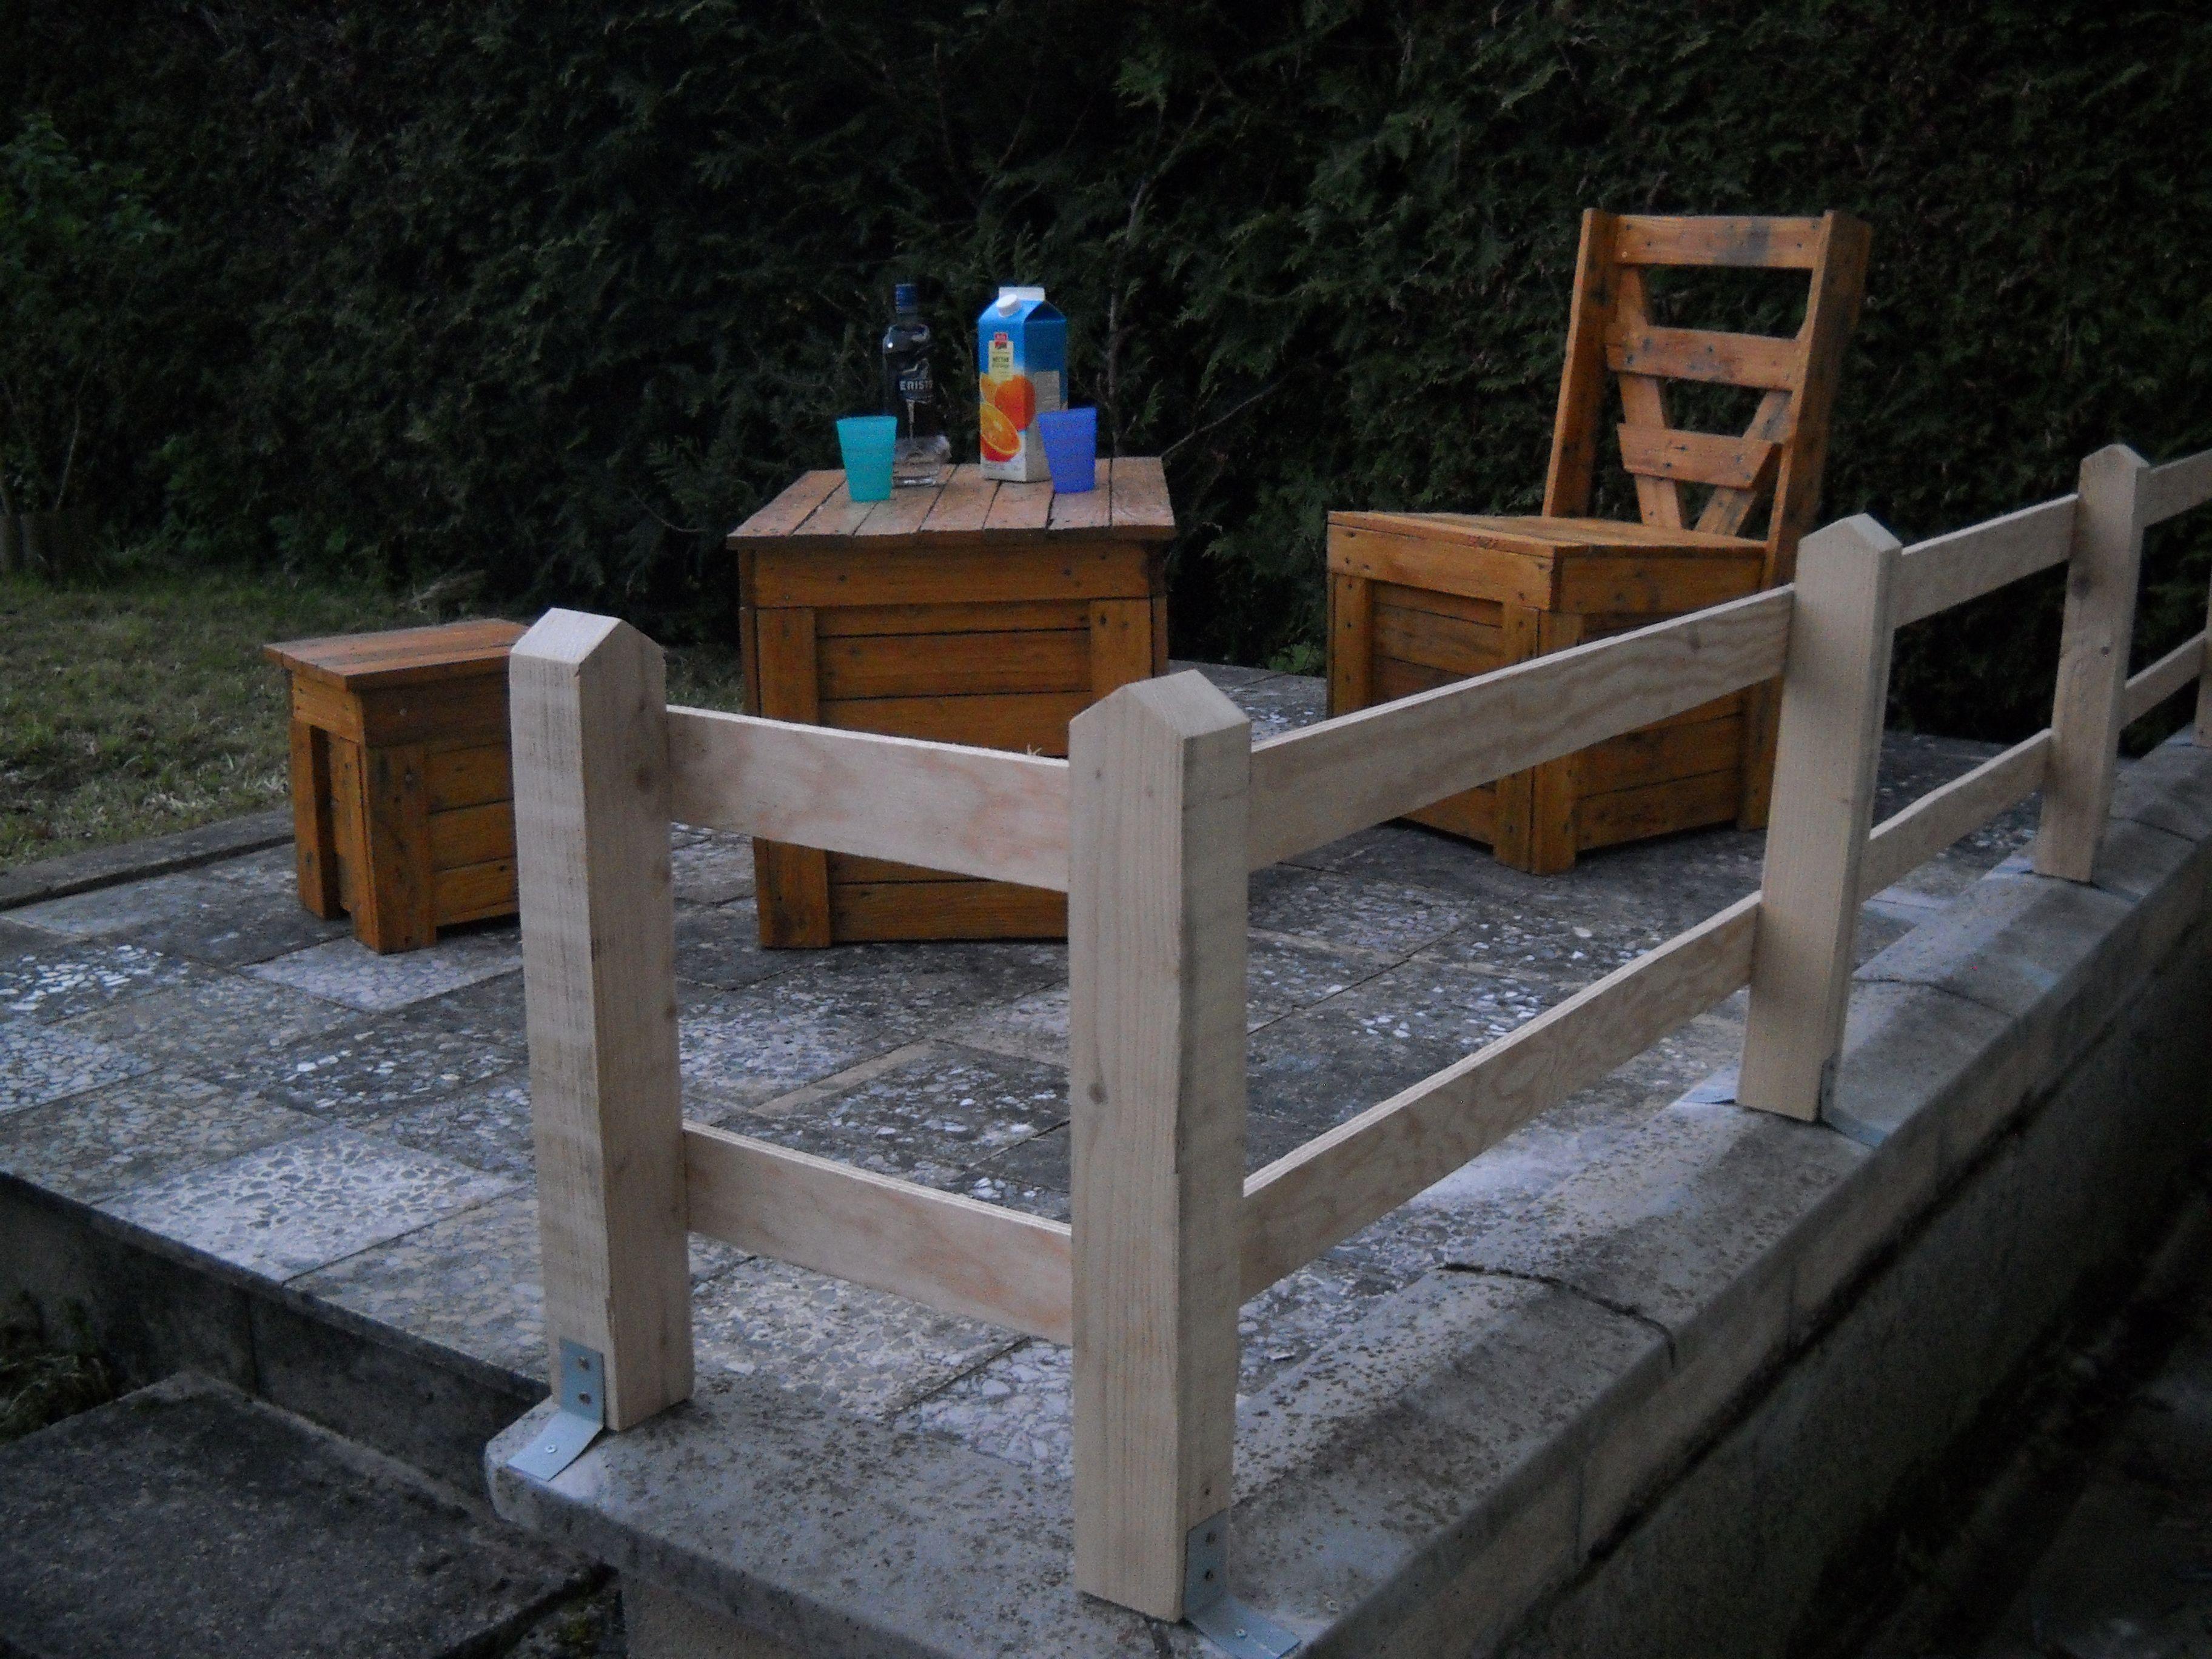 Salon de jardin vernis en planche de palette récup ...